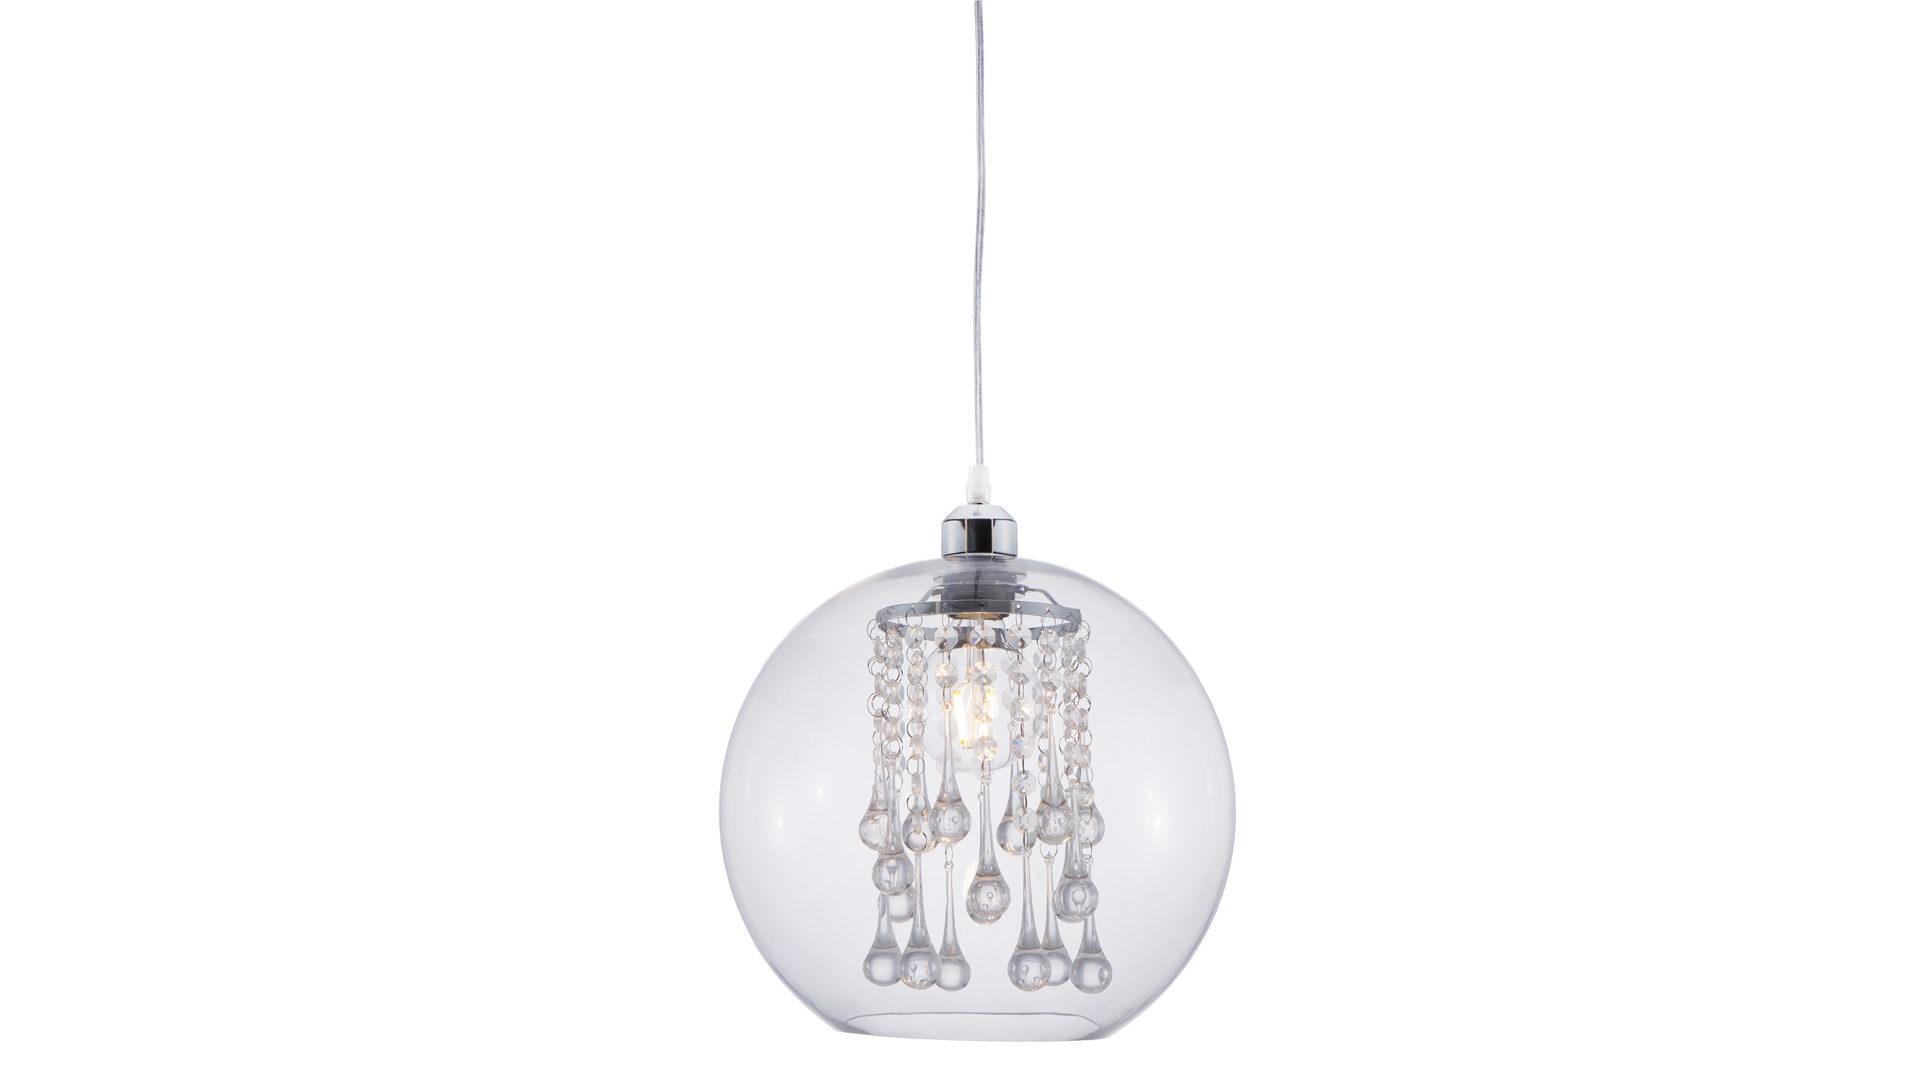 ... Lampen + Leuchten, Pendelleuchten + Kronleuchter, Pendelleuchte,  Pendelleuchte Bubble, Verchromt U0026 Transparenter Kunststoff U2013 Durchmesser  Ca. 30 Cm